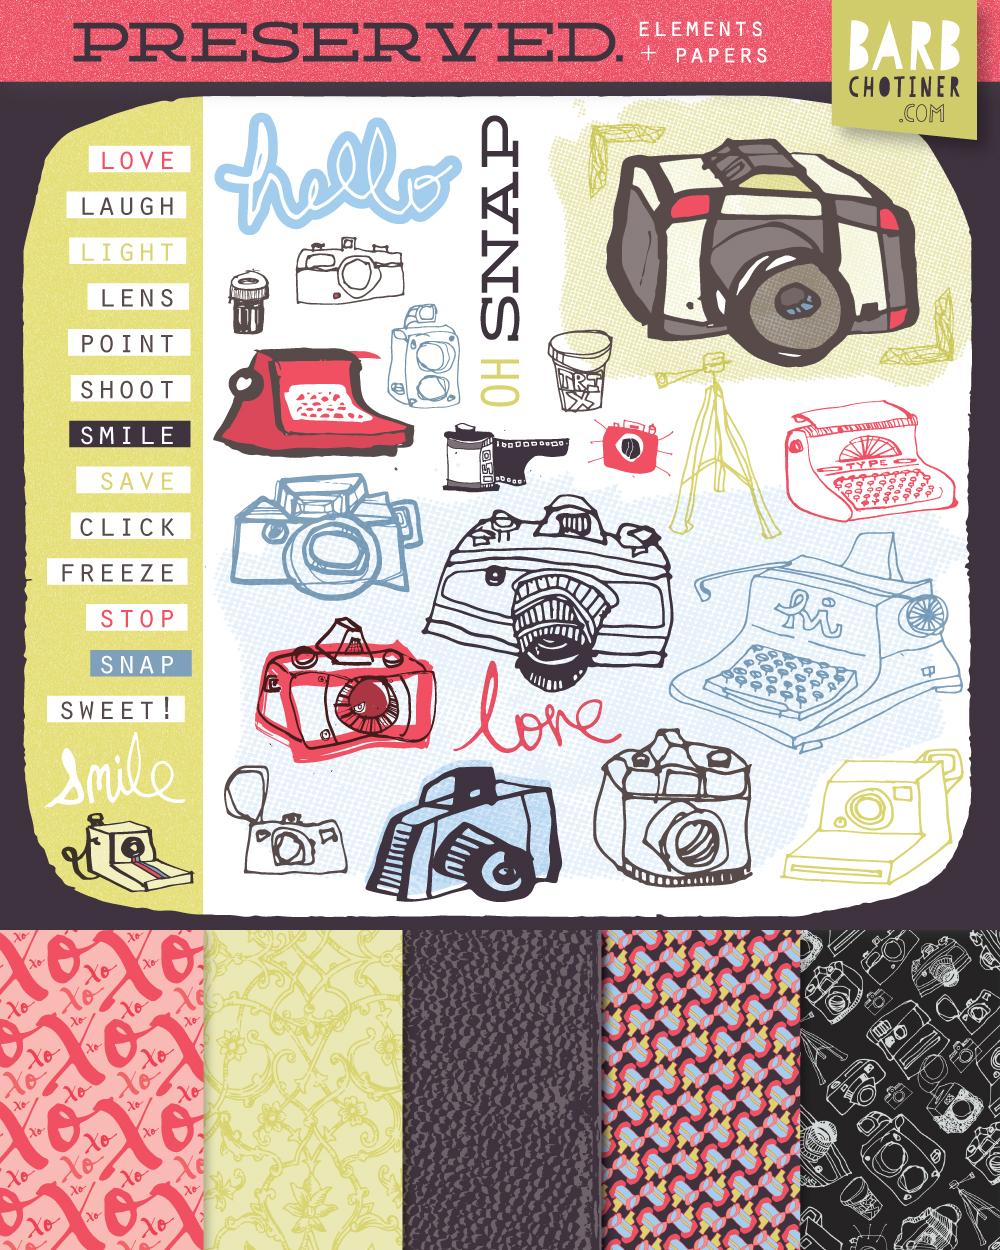 barbara chotiner | art for scrapbook collection - featuringretro camera / typewriter art